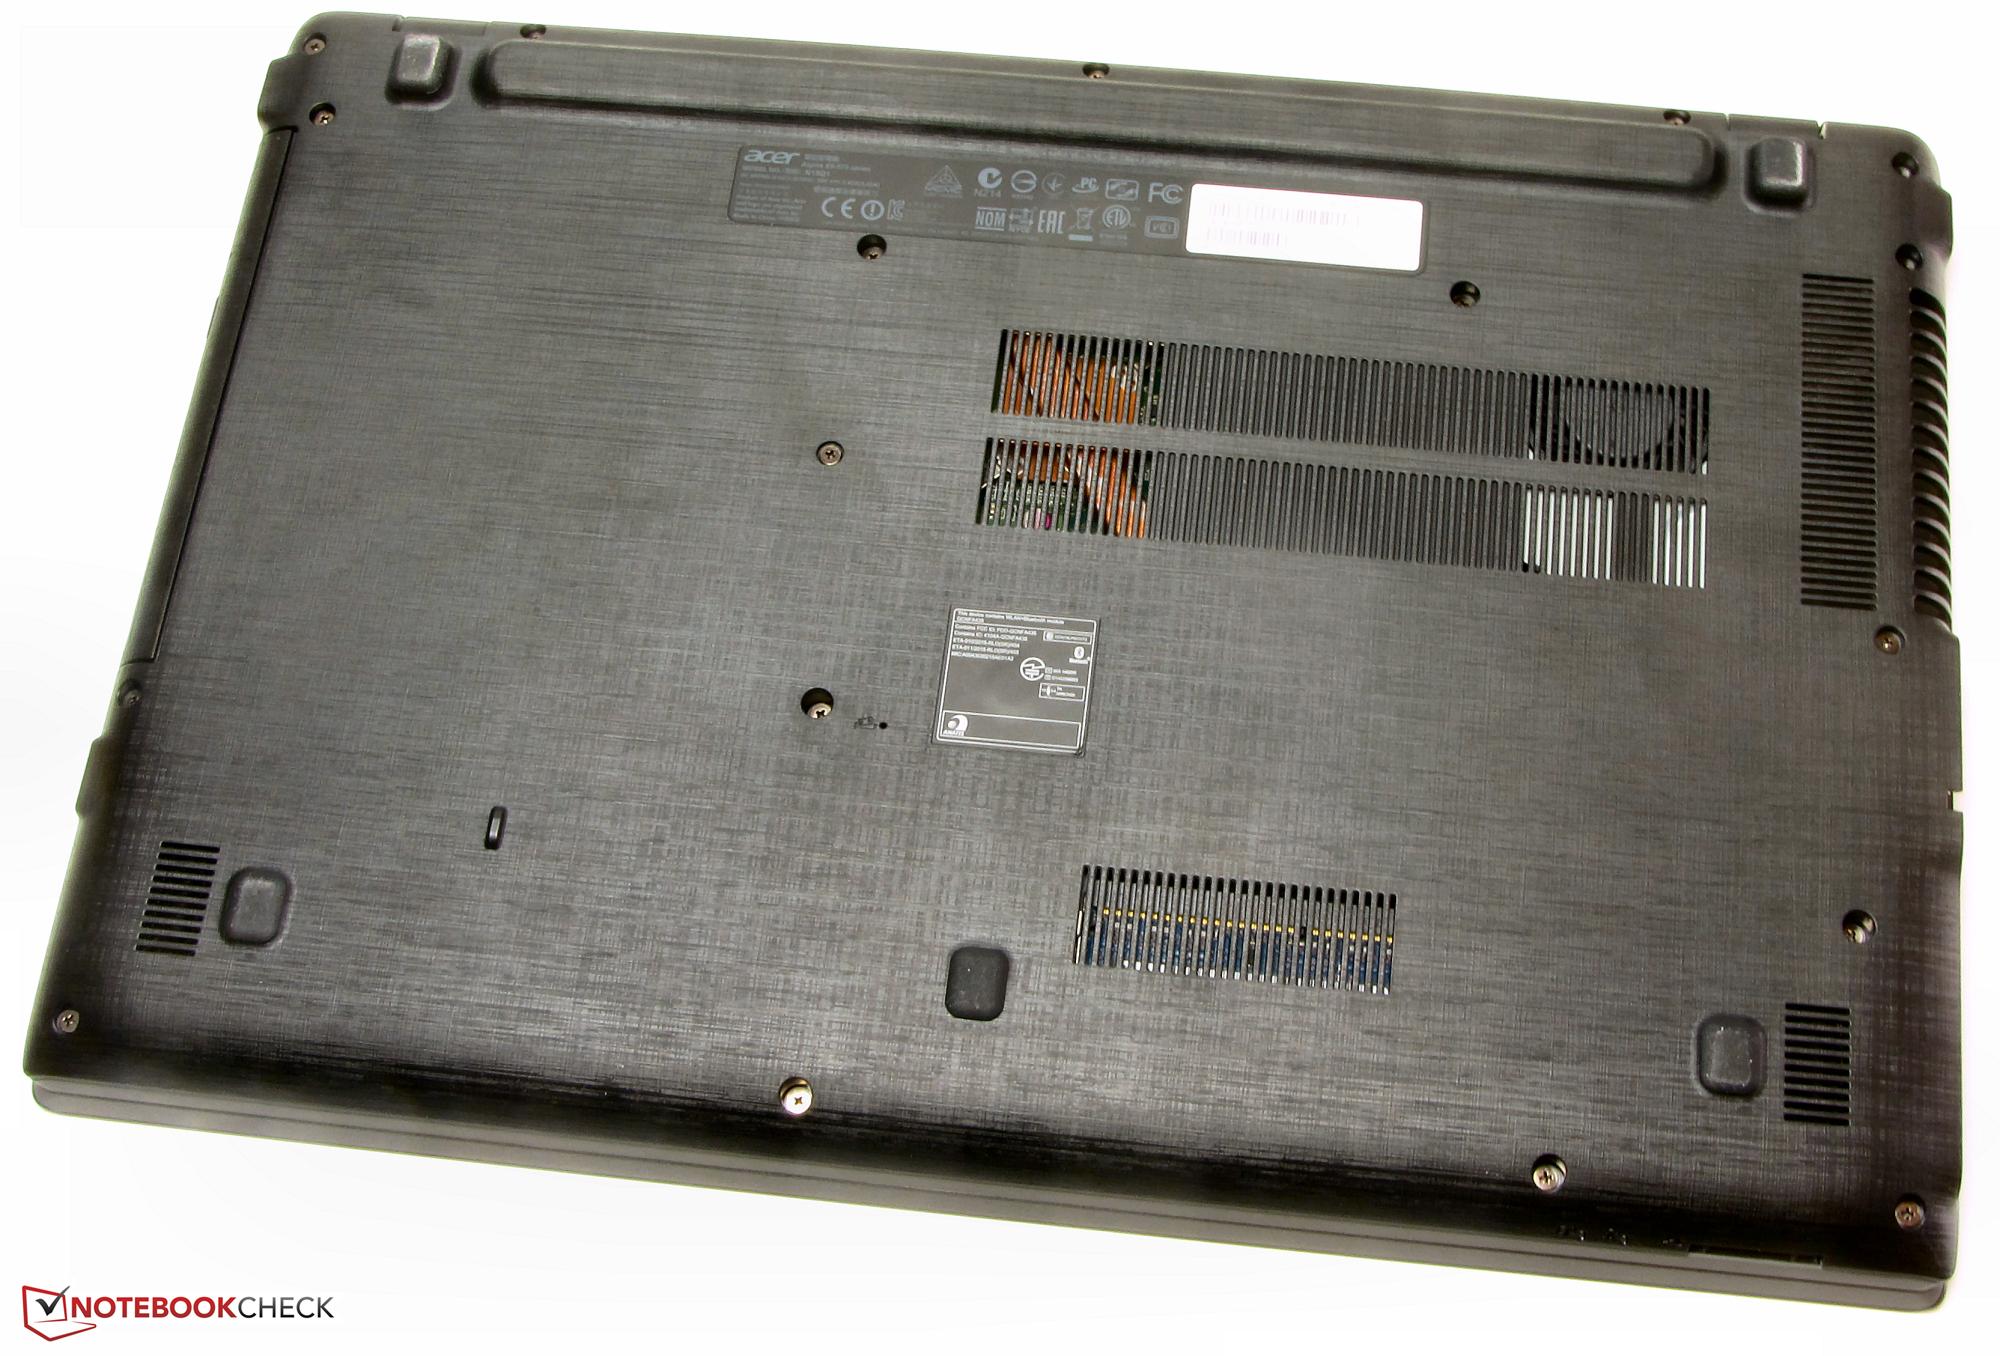 Acer Aspire E5-532G Realtek LAN Drivers for Windows